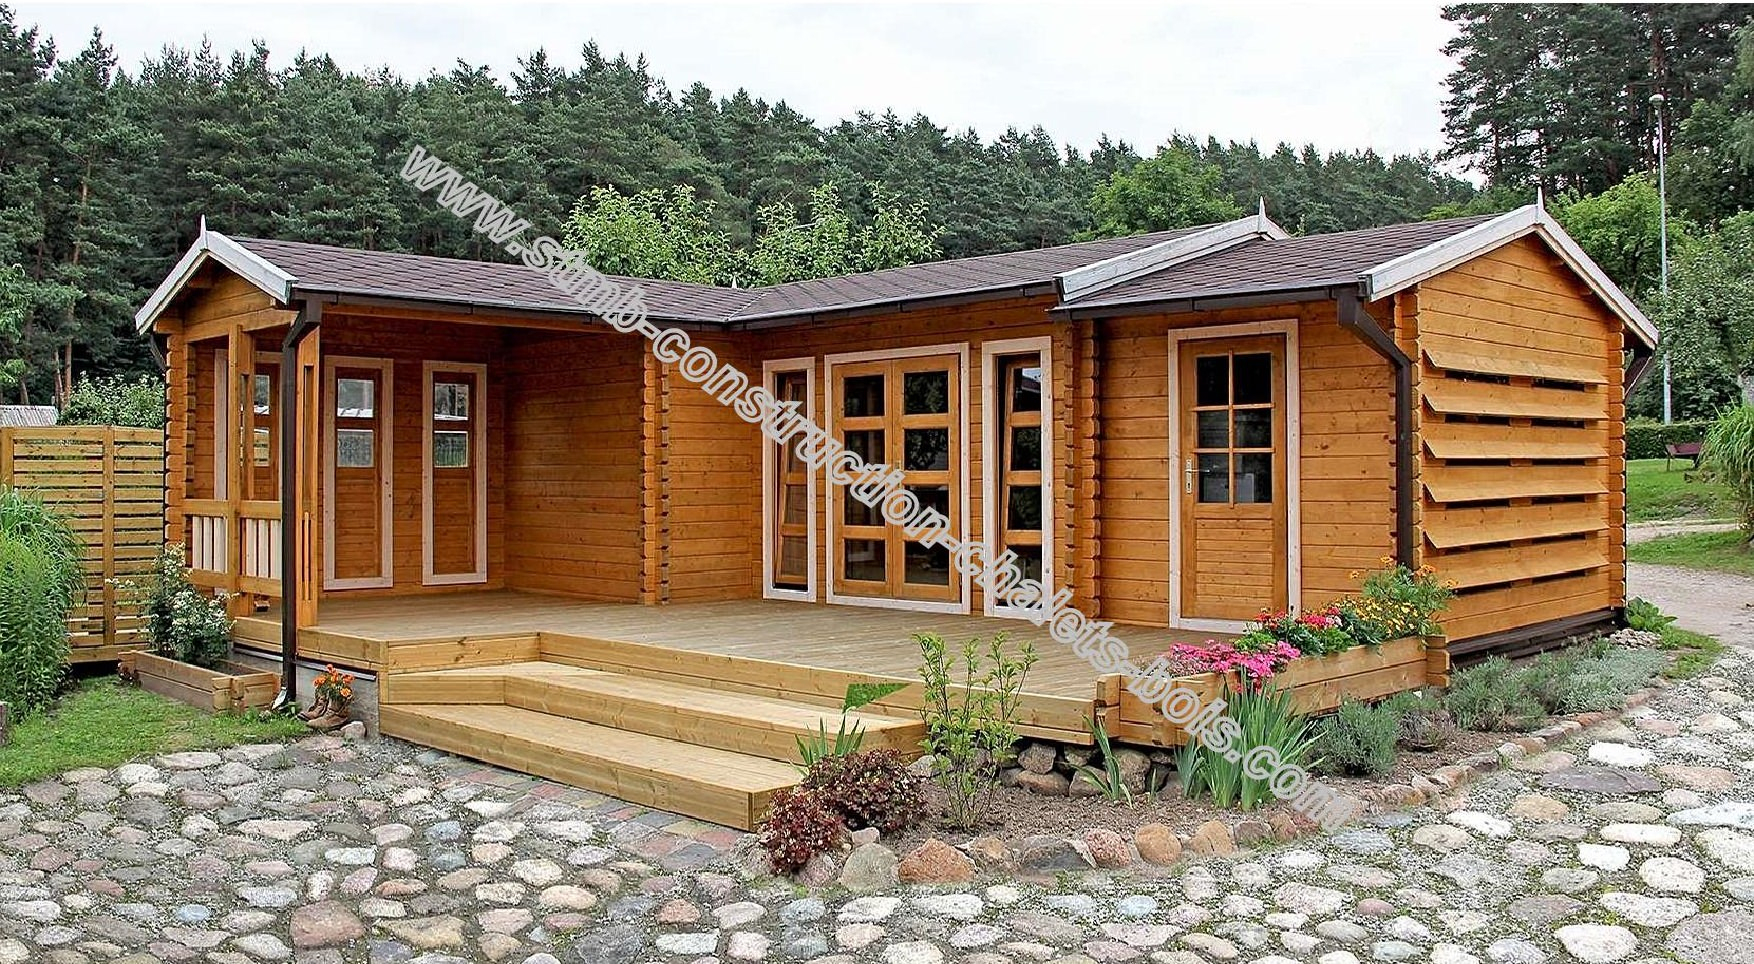 Maison En Bois En Kit 70M2 - Le Meilleur Des Maisons Bois En ... avec Chalet Bois En Kit